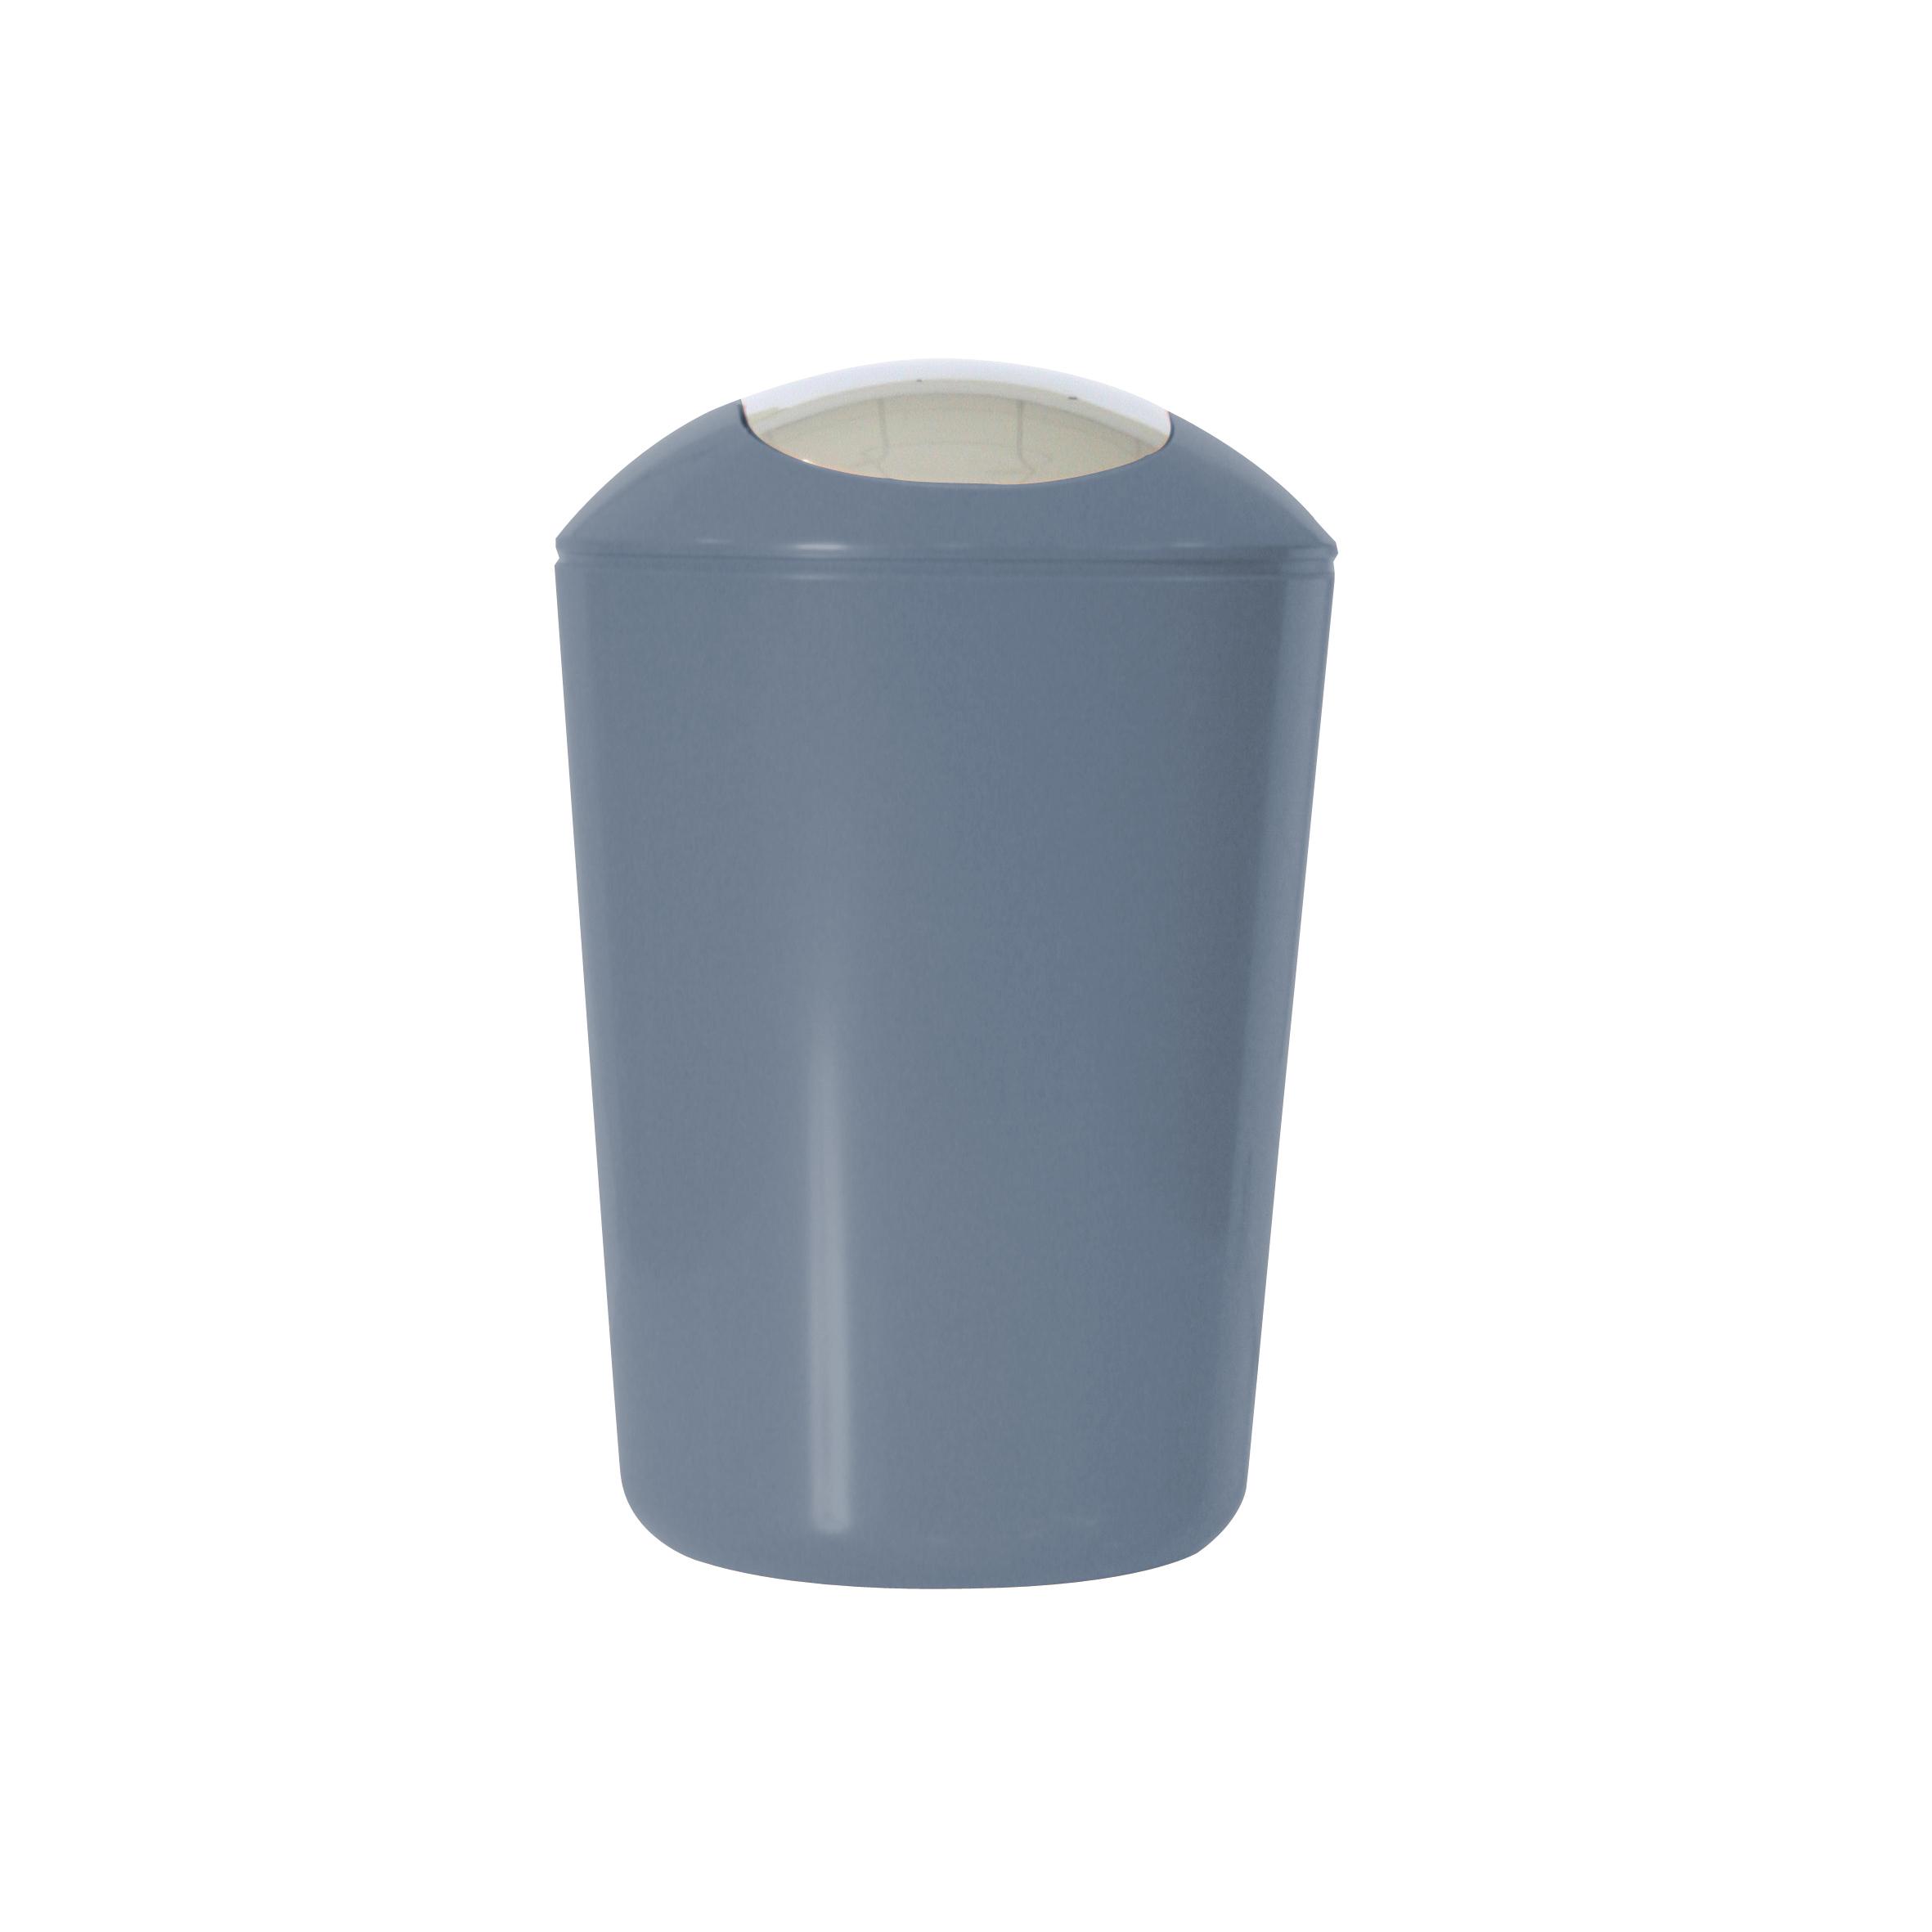 Ведро для мусора Axentia, с крышкой, цвет: серый, хром, 5 л251080Глянцевое ведро для мусора Axentia, выполненное из высококачественного износостойкого пластика, оснащено хромированную крышку типа «качели». Подходит для использования в ванной комнате или на кухне. Стильный дизайн и яркая расцветка прекрасно подойдет для любого интерьера ванной комнаты или кухни. Размер ведра: 20 х 20 х 30 см.Объем ведра: 5 л.